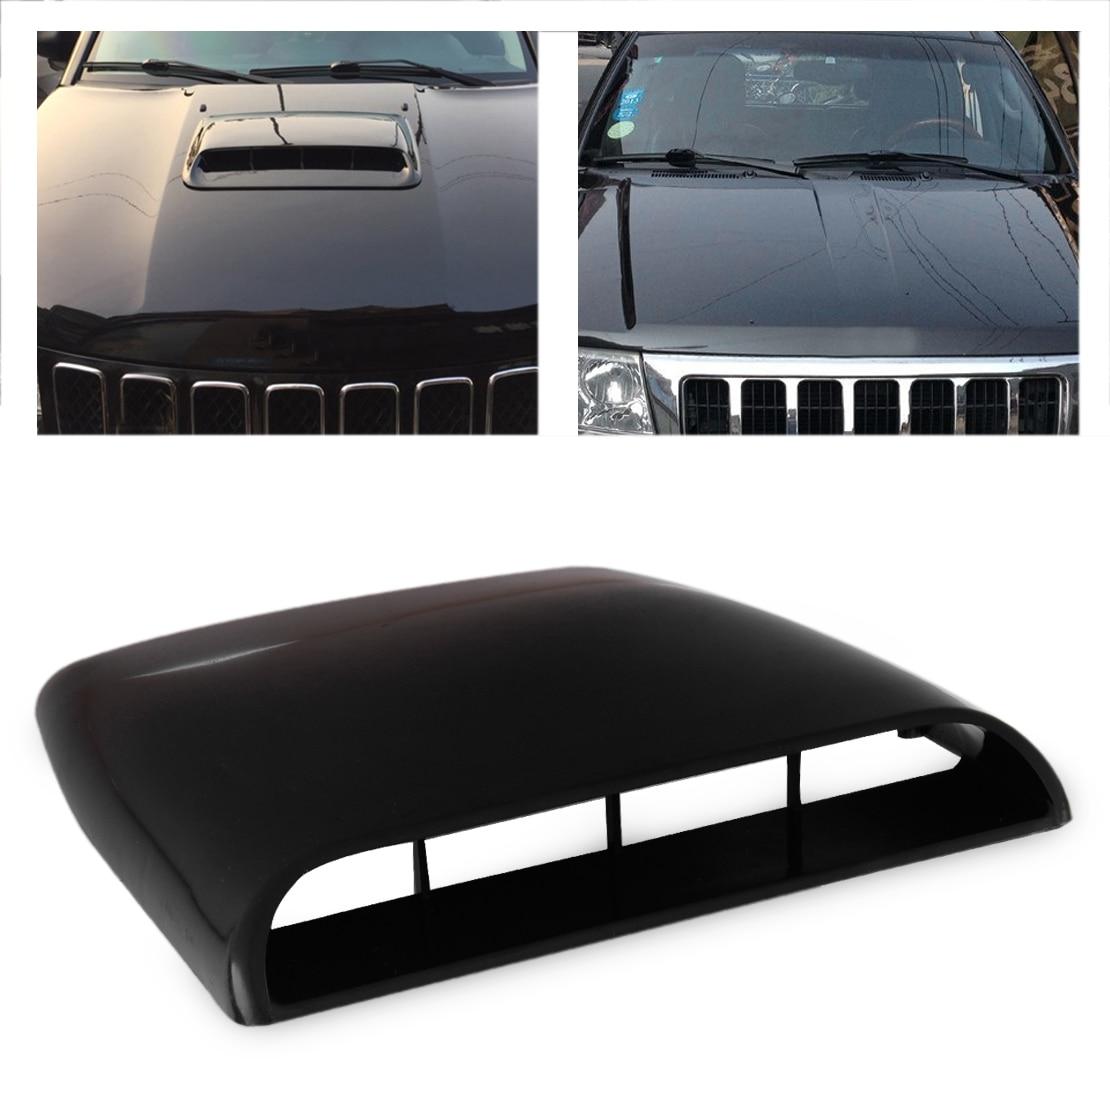 CITALL черный/белый/серый 1 шт. Автомобильный Универсальный 4x4 воздушный поток Впускной капот совок Vent капот декоративная Обложка Наклейка